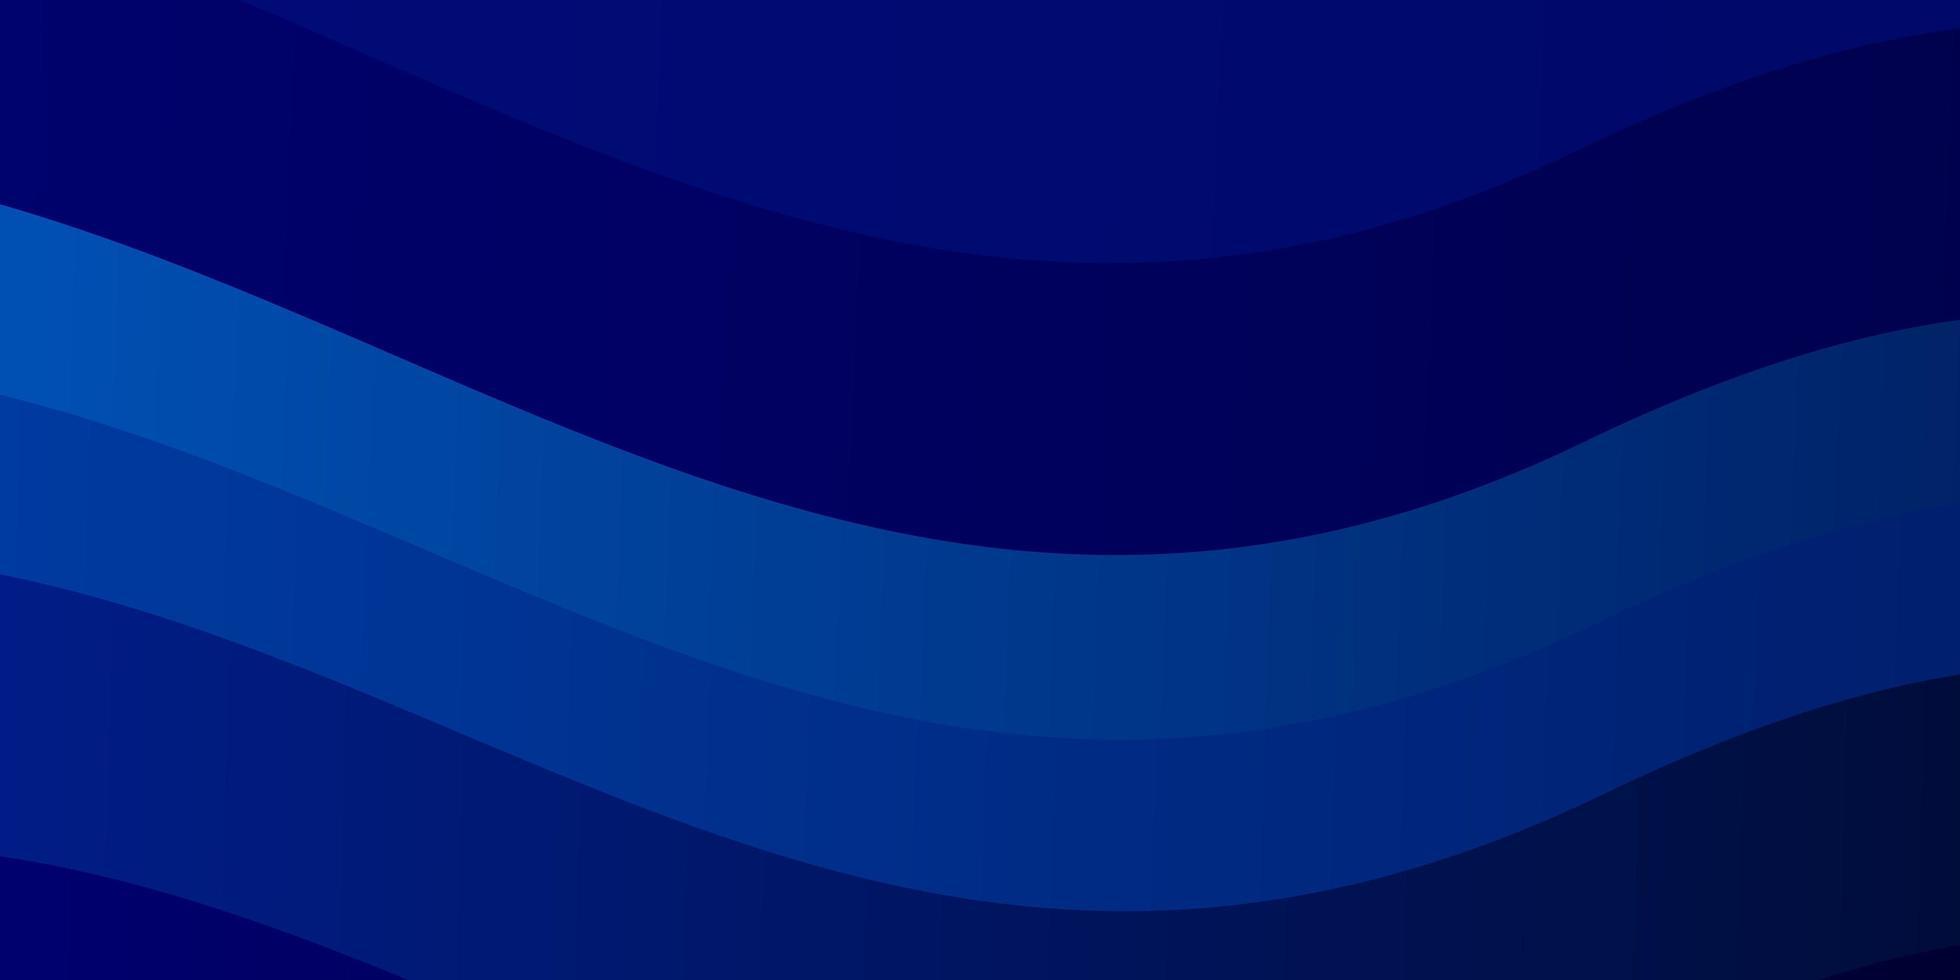 lichtblauwe vectormalplaatje met krommen. vector